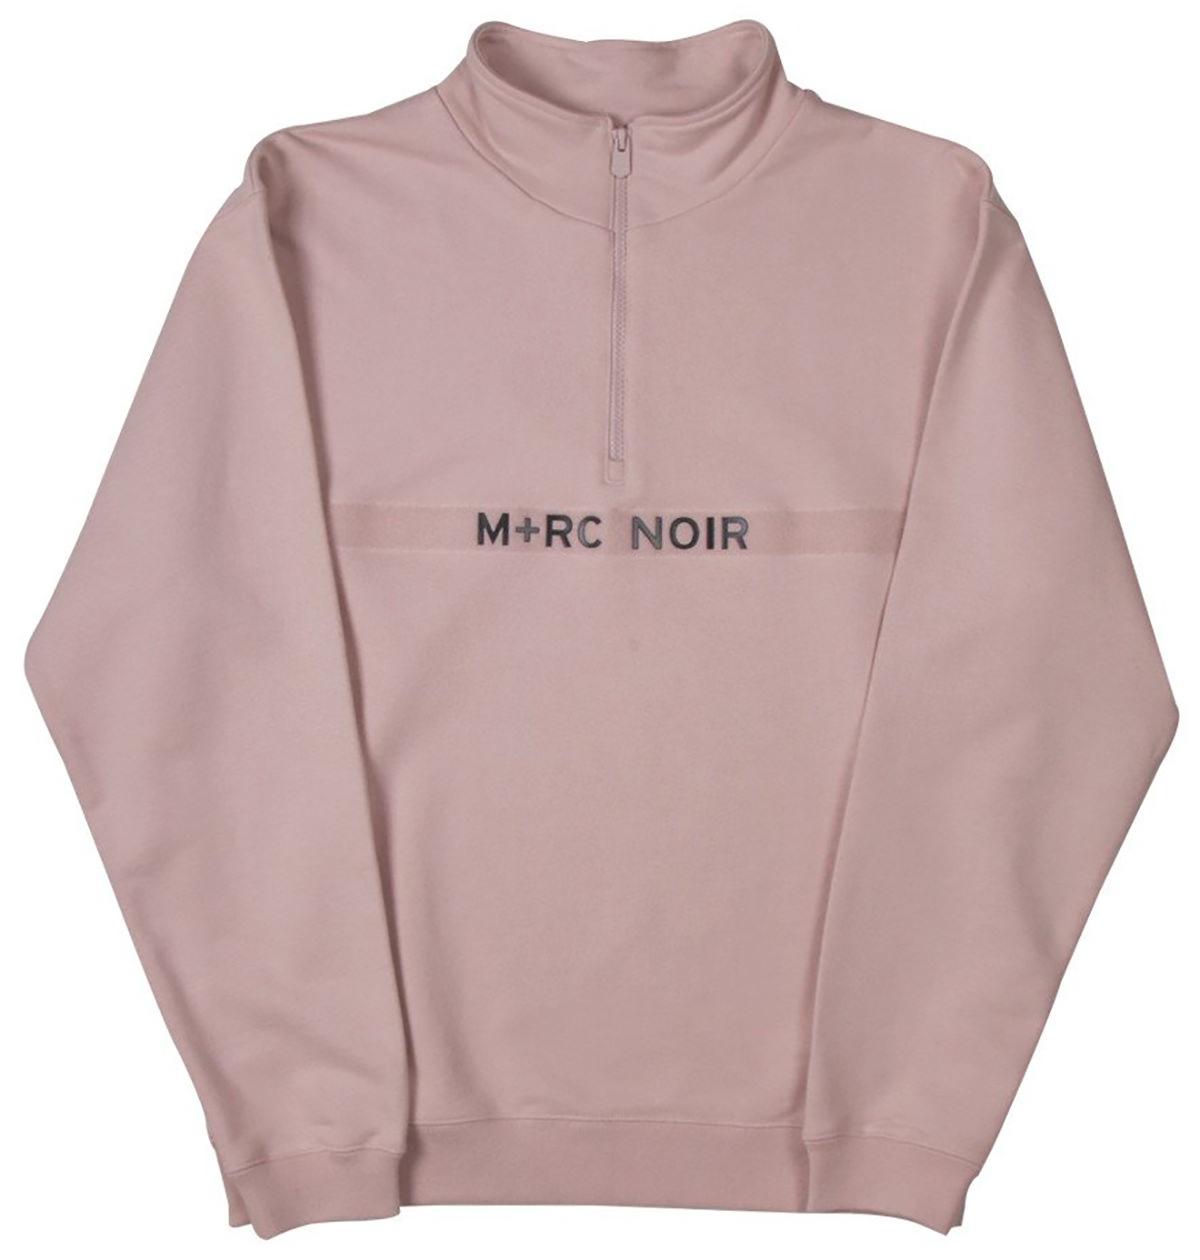 mrcnoir-2017-spring-new-release-8